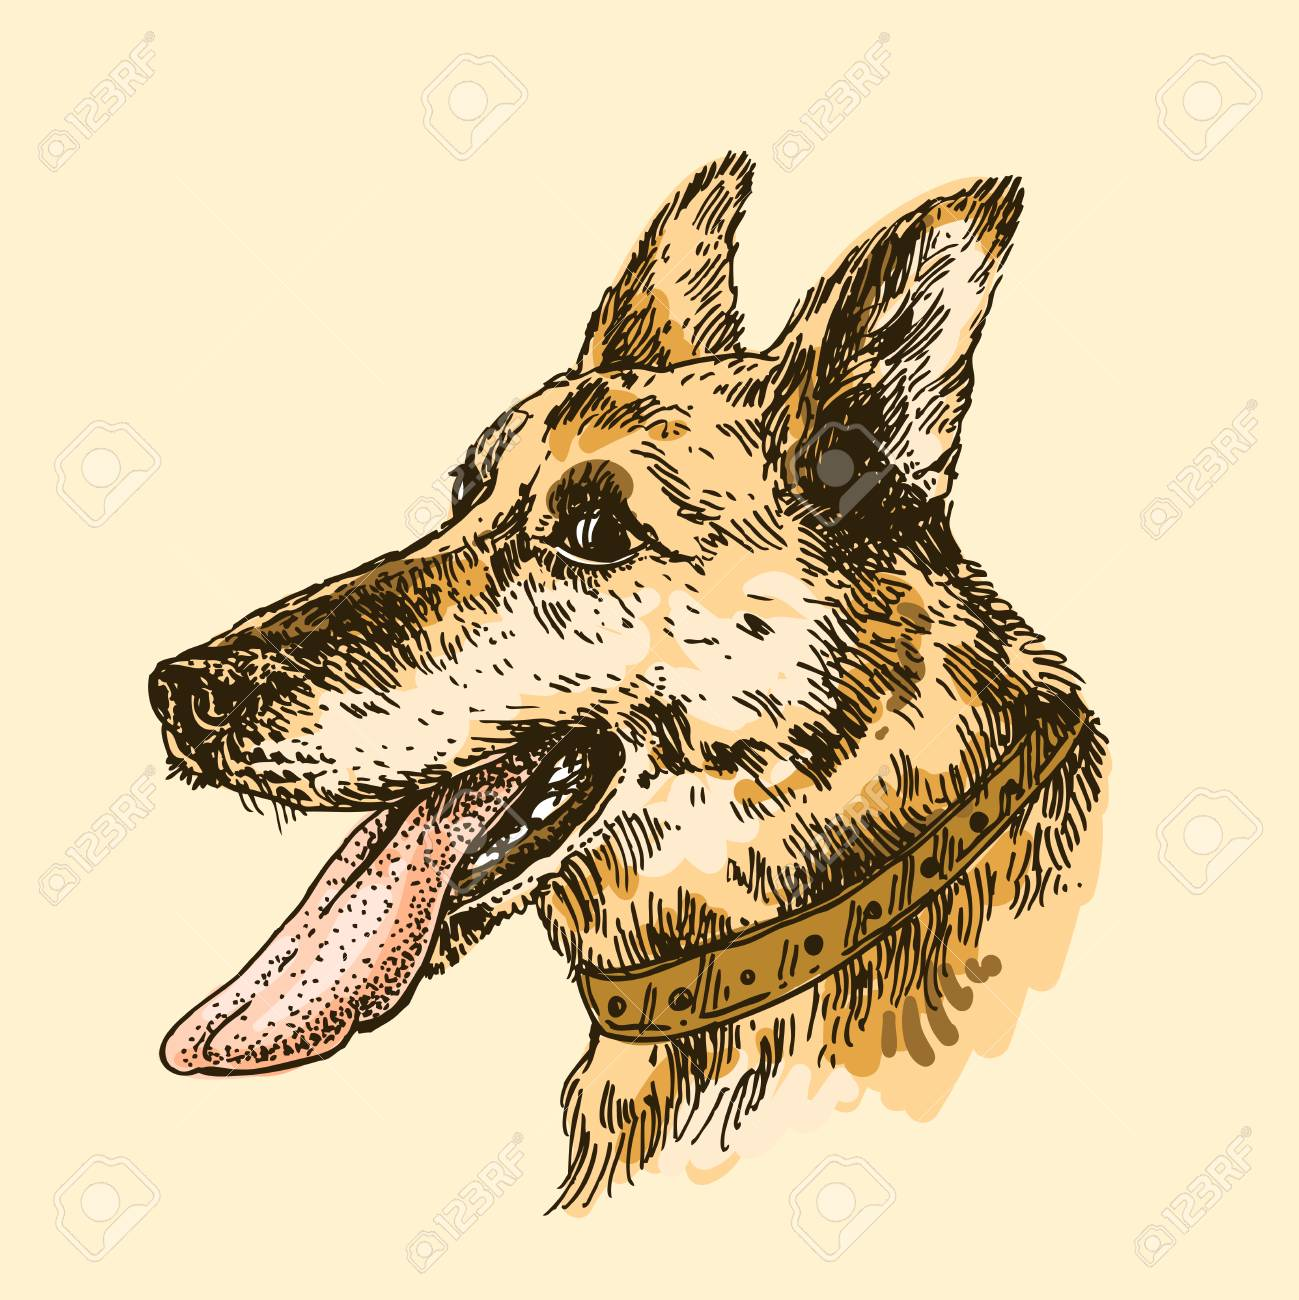 chien dillustration vectorielle dessins la main avec la langue dessin de style croquis symbole de la nouvelle anne 2018 nous pour des invitations - Langue Dessin